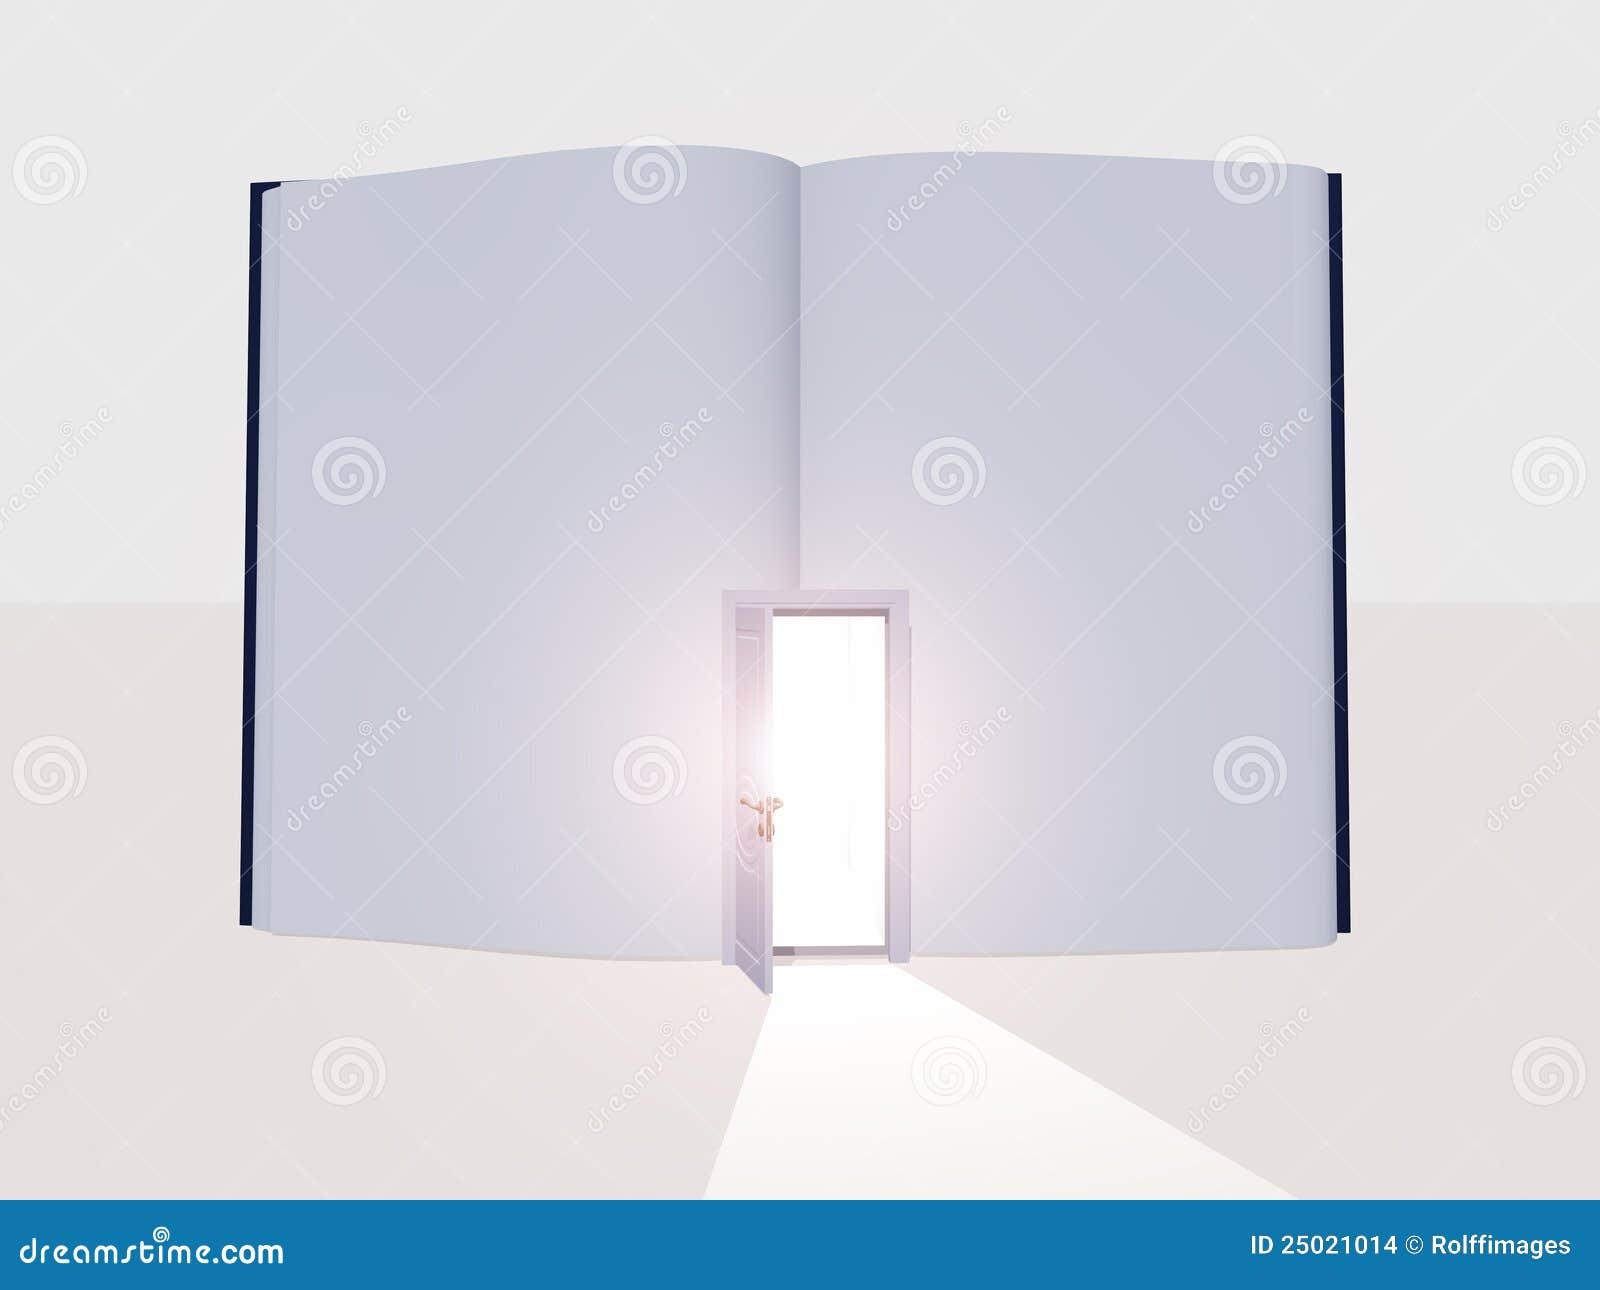 Book with open door  sc 1 st  Dreamstime.com & Book with open door stock illustration. Illustration of interior ...